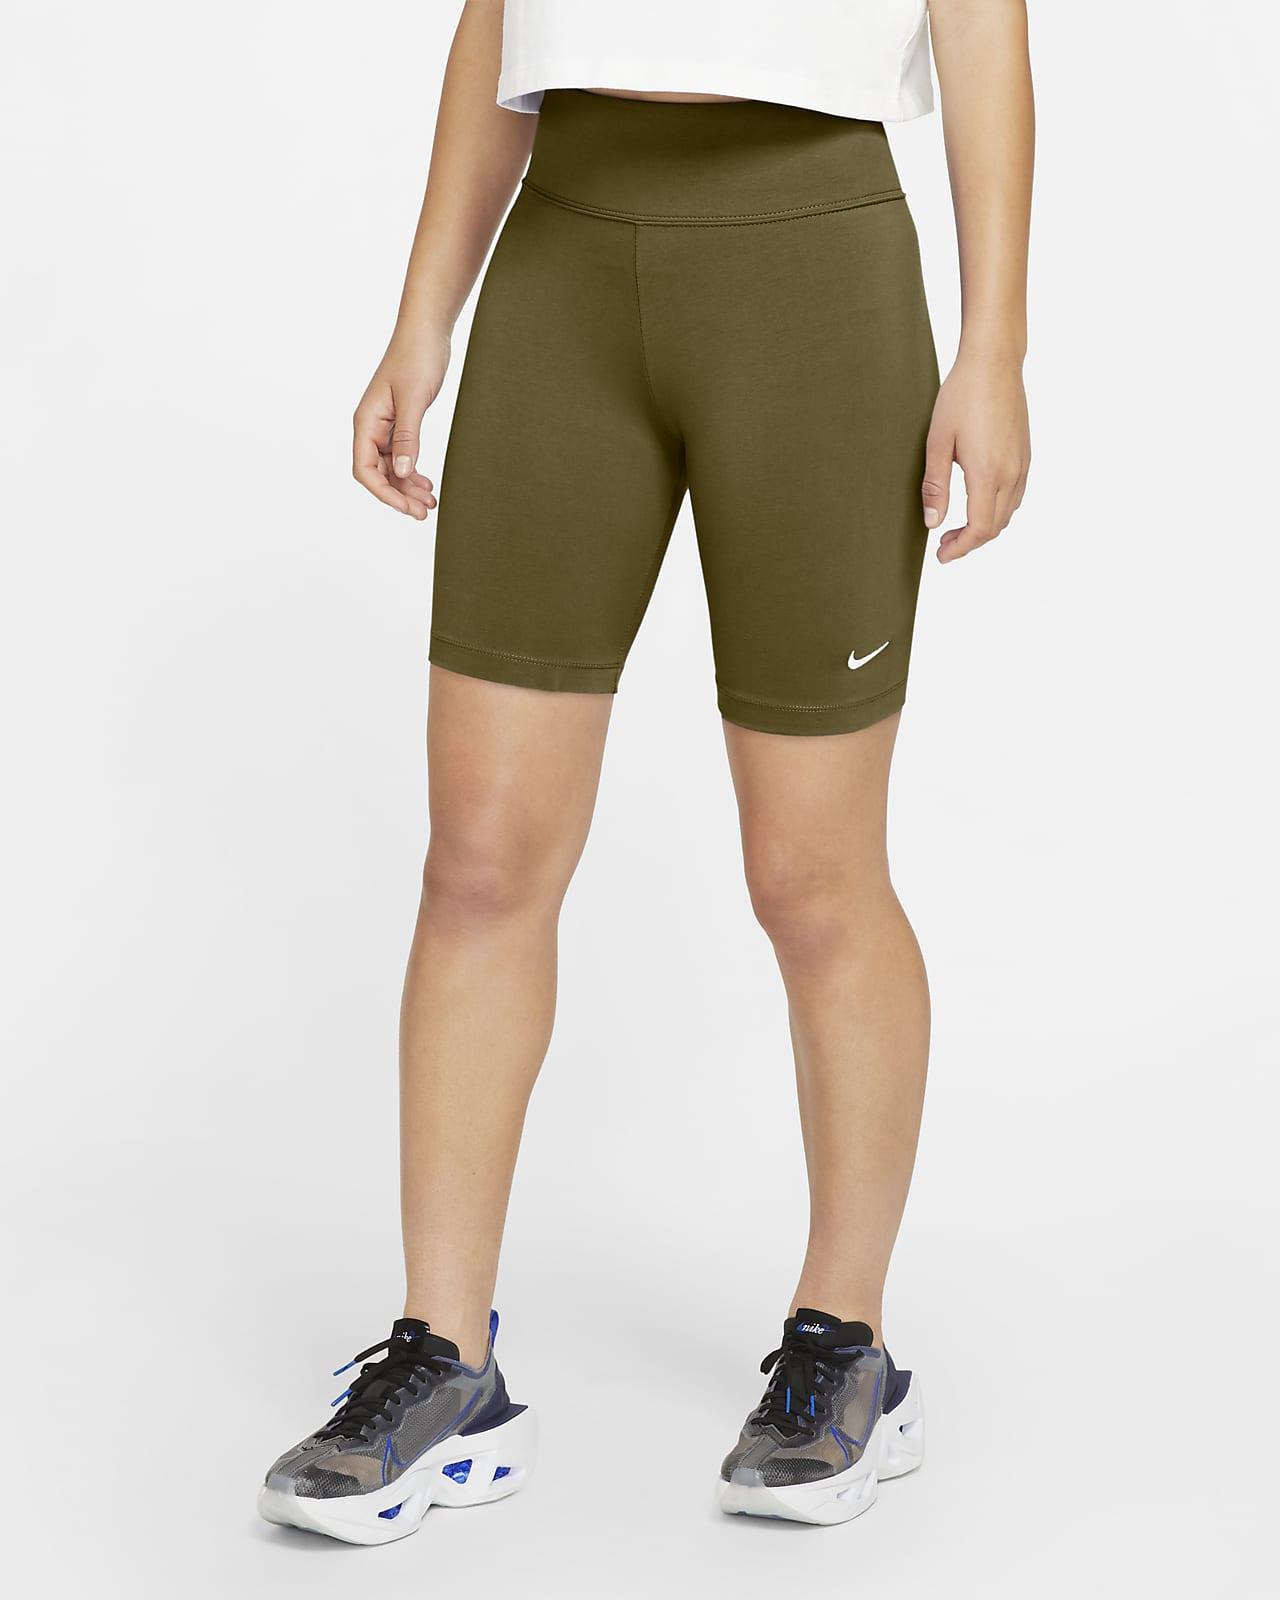 Spodenki damskie do jazdy na rowerze Nike Sportswear Leg-A-See